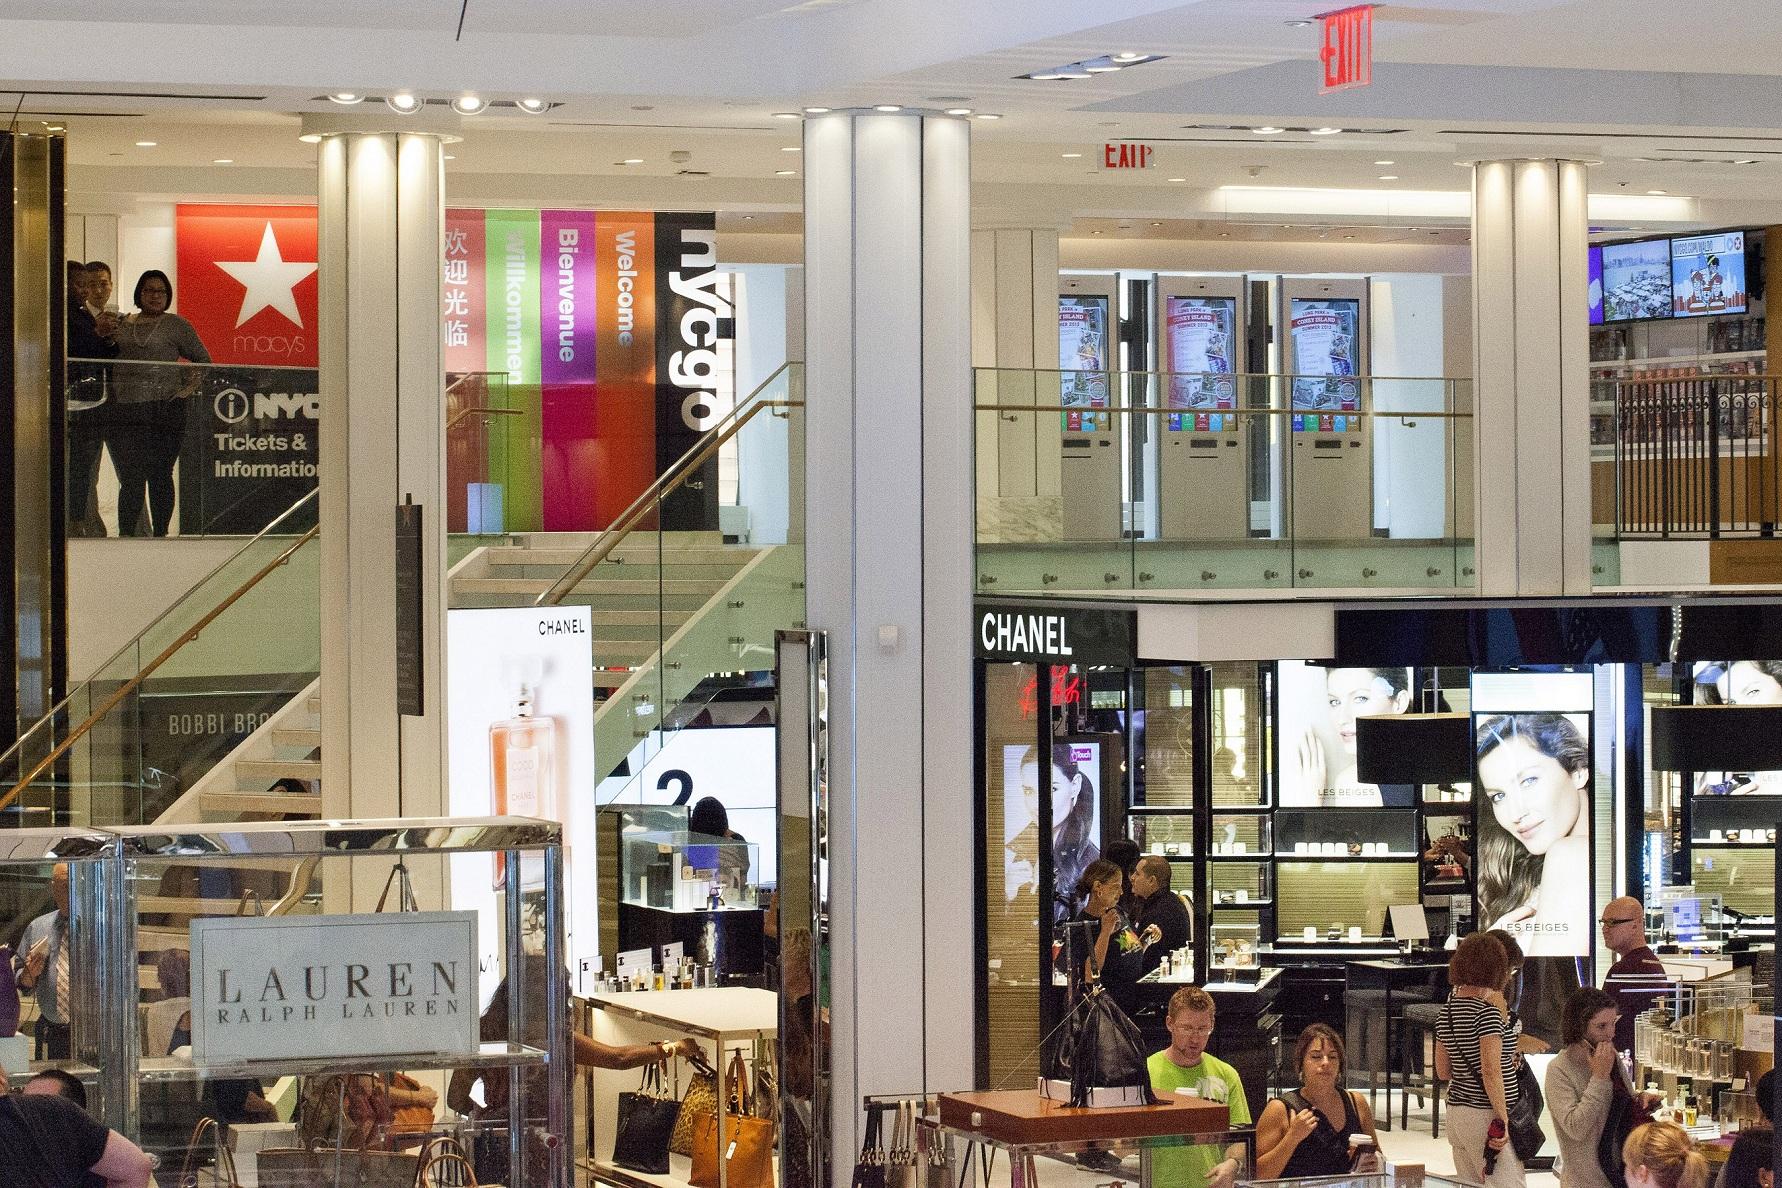 Turismo de nueva york abre oficina de informaci n en los grandes almacenes macy s bookingfax - Oficina de turismo nueva york ...